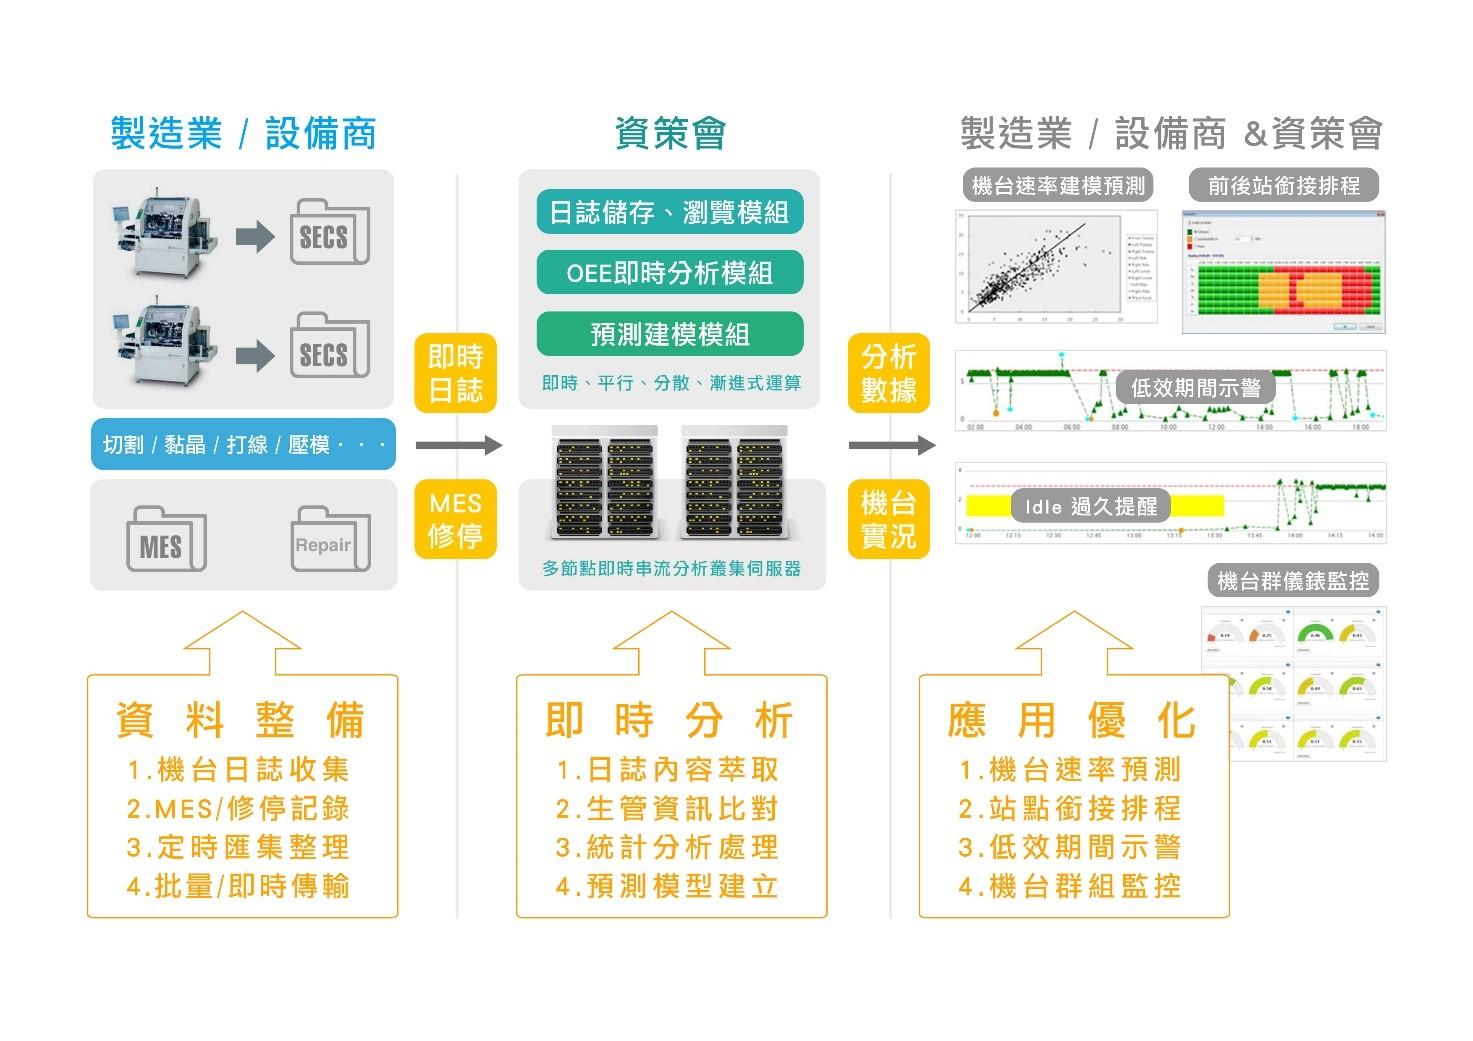 圖6:場域服務合作模式(資料來源: 本文繪製)